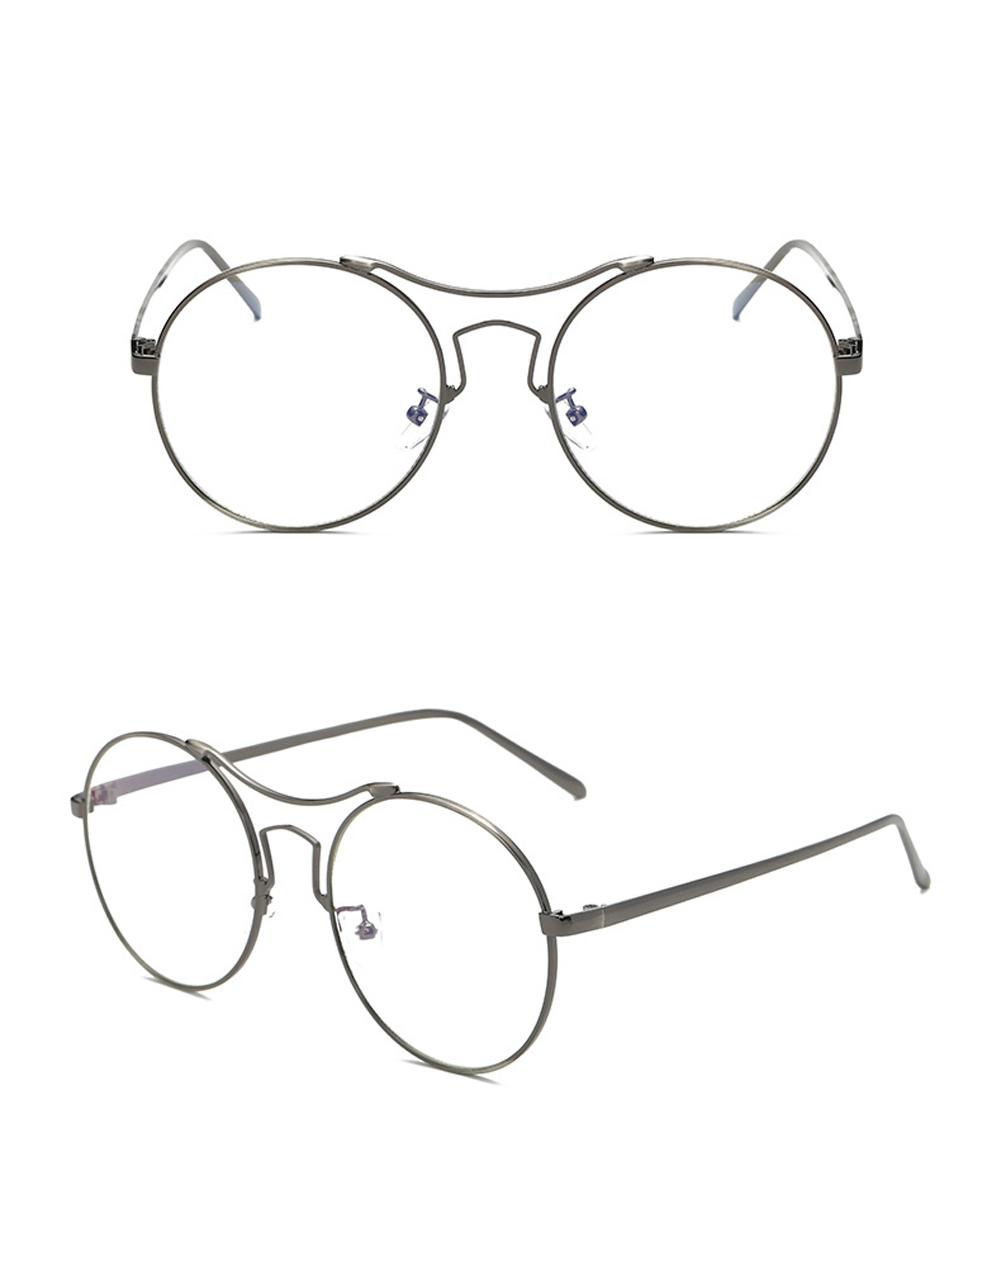 Q Large round frame glasses frame anti-blue glasses Metal full frame ...